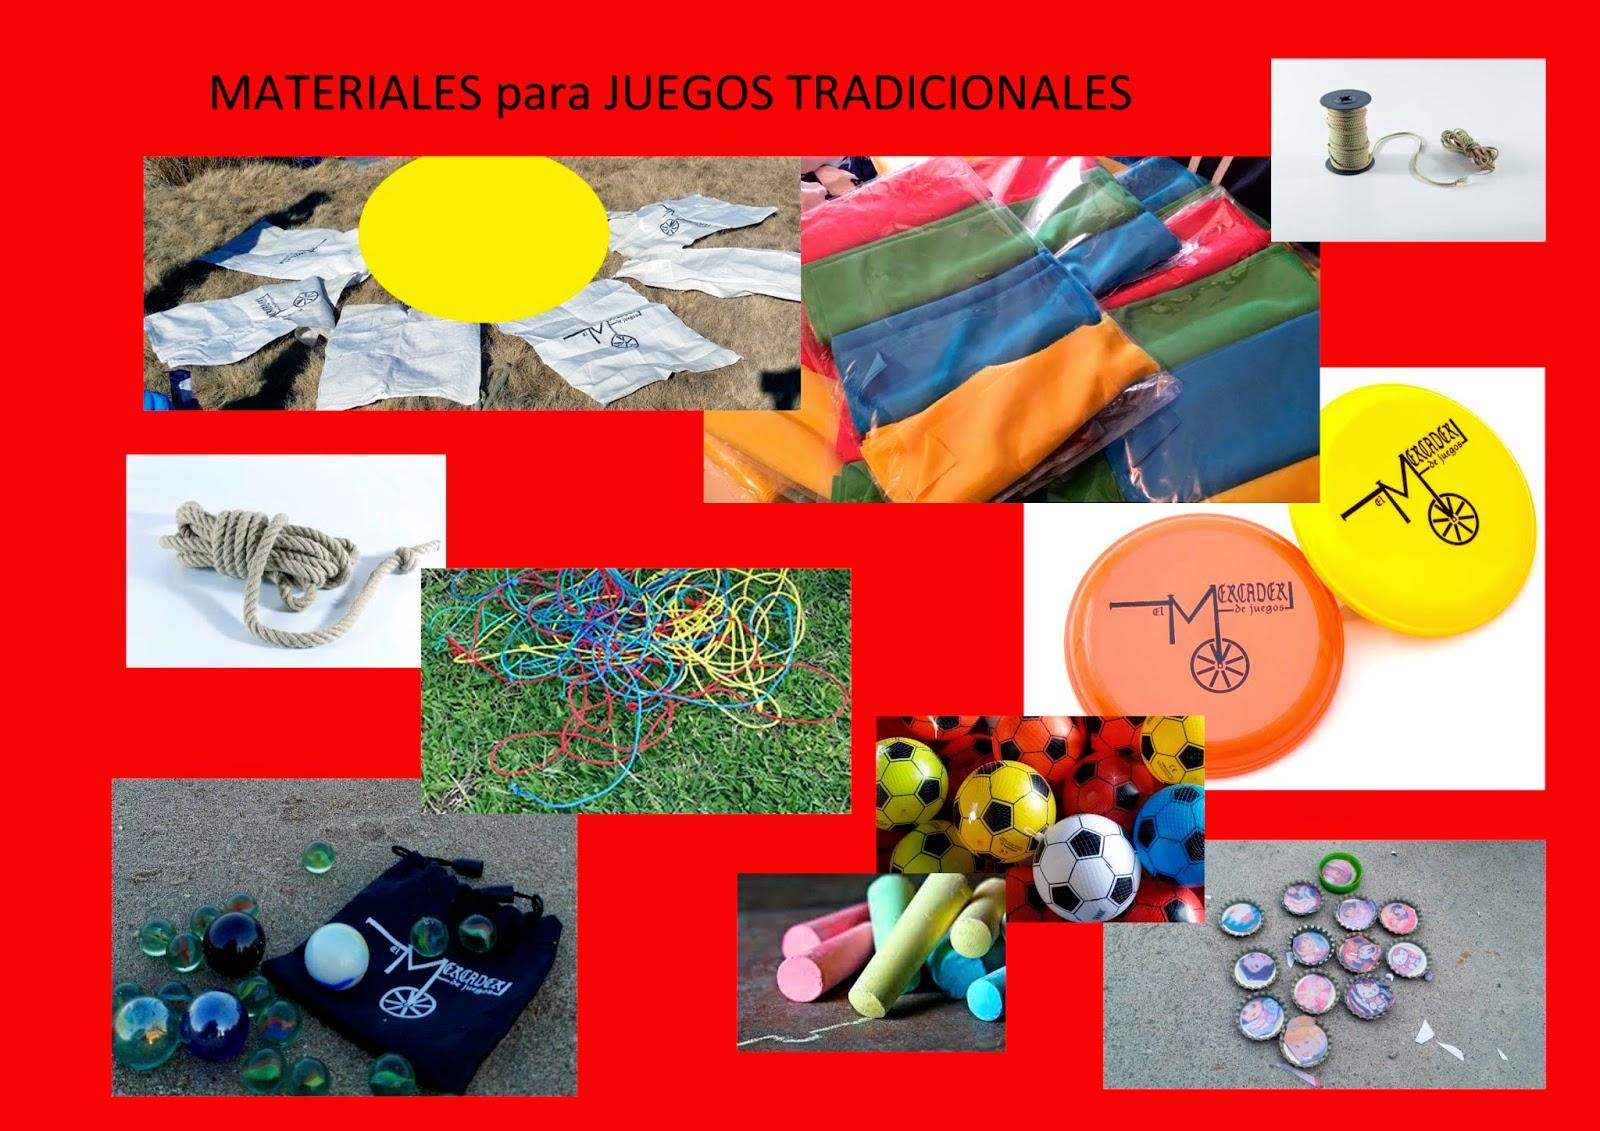 Coleccion De Juegos Materiales Y Objetos Utiles Para Pruebas Retos